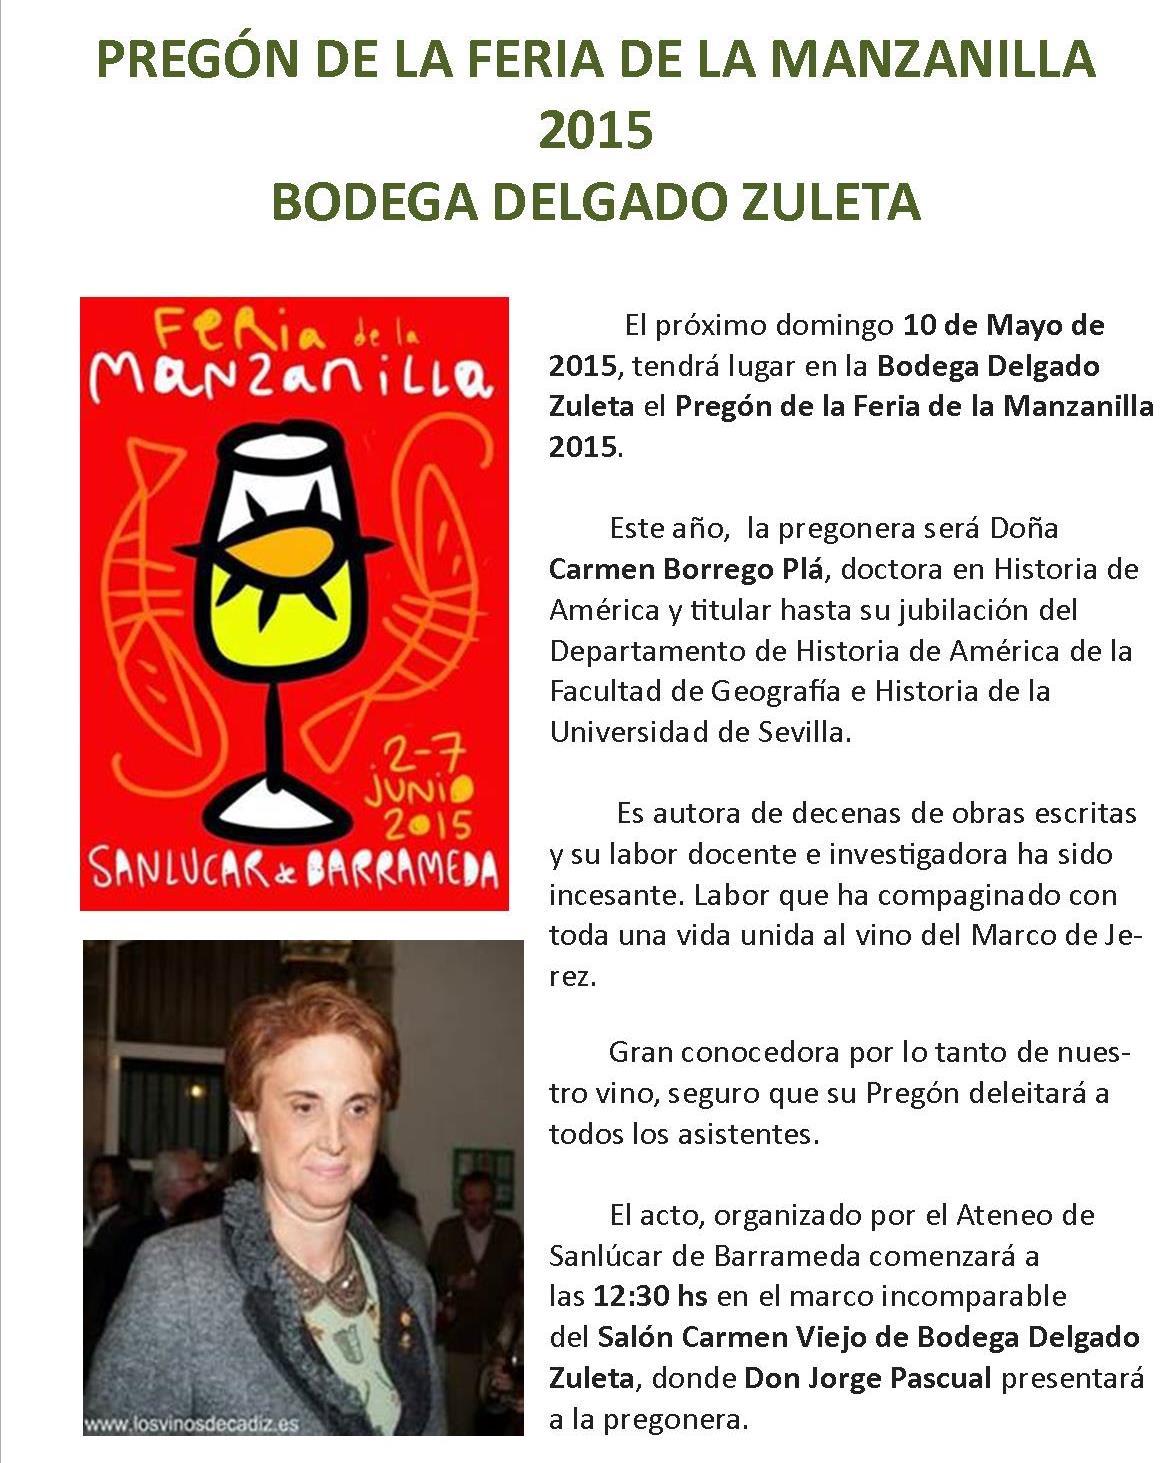 Pregón de la Feria de la Manzanilla 2015 en DelgadoZuleta